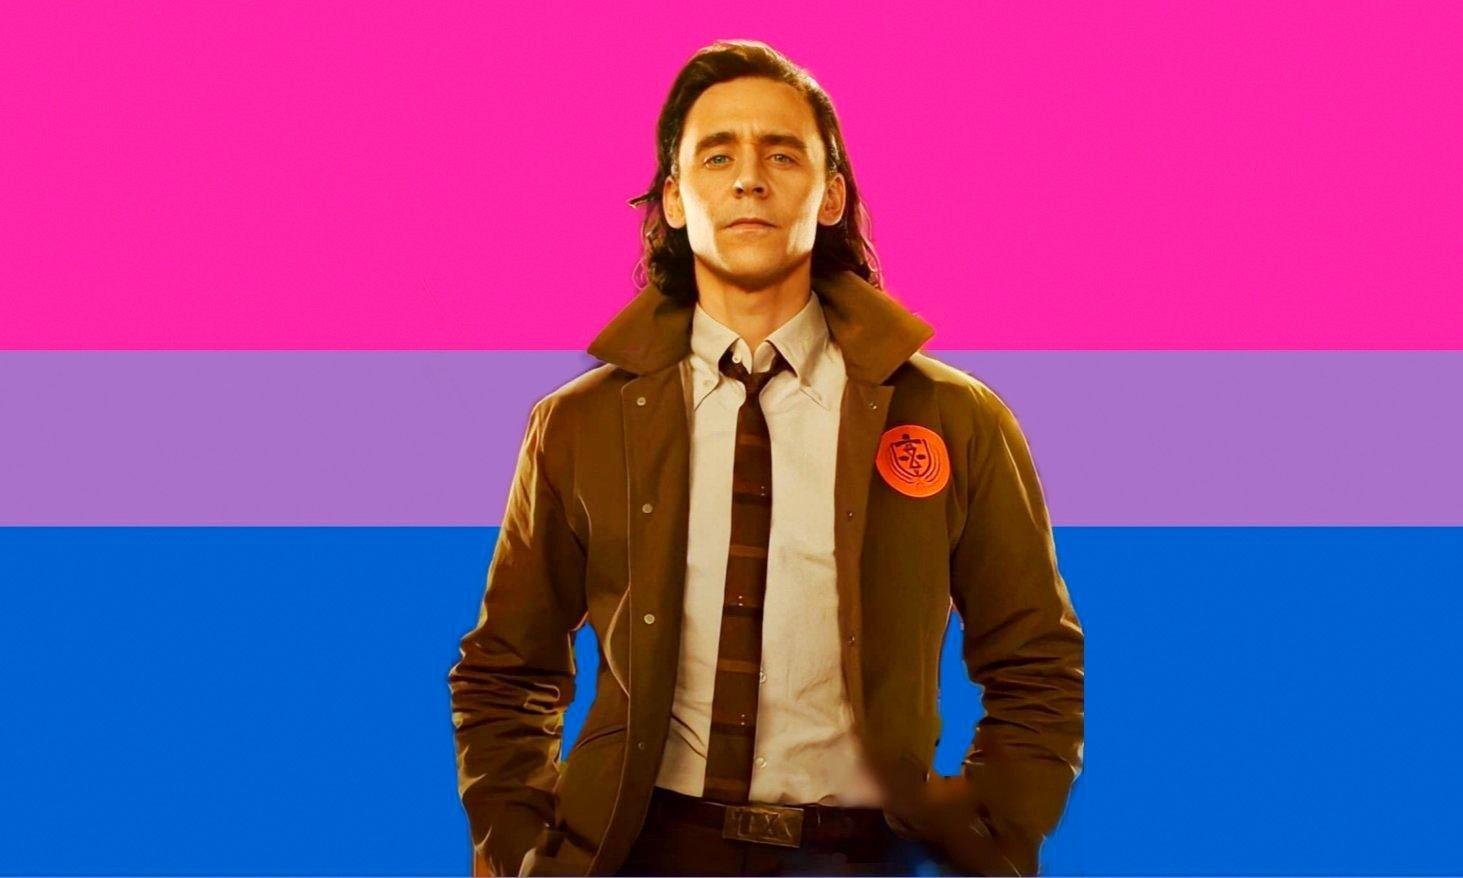 loki serie género fluido tom hiddleston